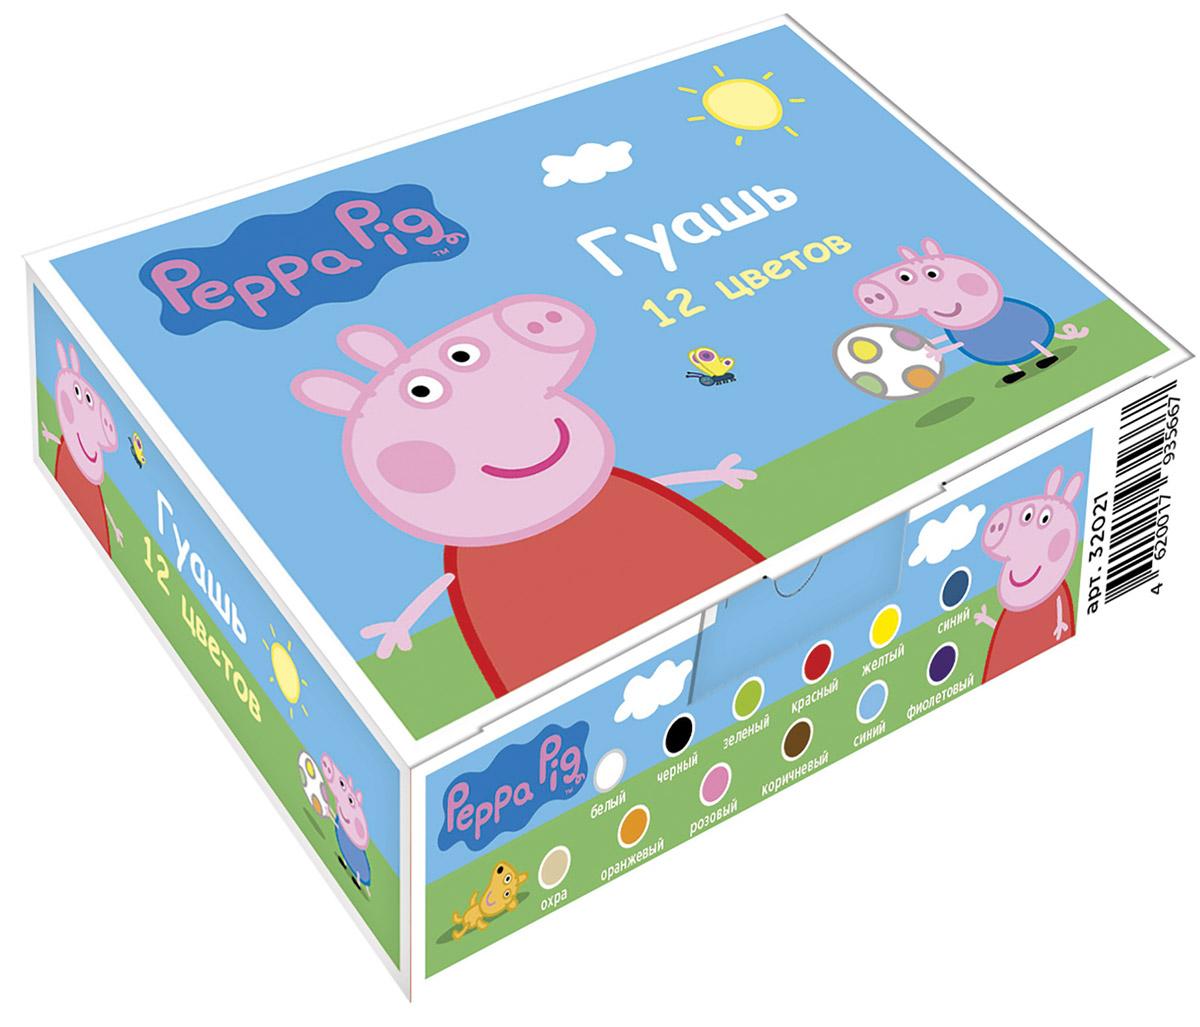 Peppa Pig Гуашь Свинка Пеппа 12 цветов3202112 насыщенных цветов гуаши Свинка Пеппа помогут вашему юному художнику создавать множество ярких рисунков, развивая при этом воображение, мелкую моторику, цветовосприятие и умение рисовать. А милые герои, изображенные на упаковке, будут радовать кроху и вдохновлять на новые детские шедевры. Краска идеально подходит для рисования на бумаге, картоне, холсте, ткани и фанере: она хорошо размывается водой, легко наносится, при высыхании приобретает матовую, бархатистую поверхность. Гуашь легко смывается с рук и одежды, безопасна при использовании по назначению. В наборе Свинка Пеппа 12 насыщенных цветов гуаши в прозрачных баночках по 20 мл с навинчивающимися крышками. Цвета: белый, желтый, оранжевый, красный, розовый, голубой, фиолетовый, охра, синий, зеленый, коричневый, черный. Состав: вода питьевая, метилцеллюлоза, пигменты органические и неорганические, глицерин. Срок годности: 2 года. Размер упаковки: 15,2 х 11,5 х 4 см.